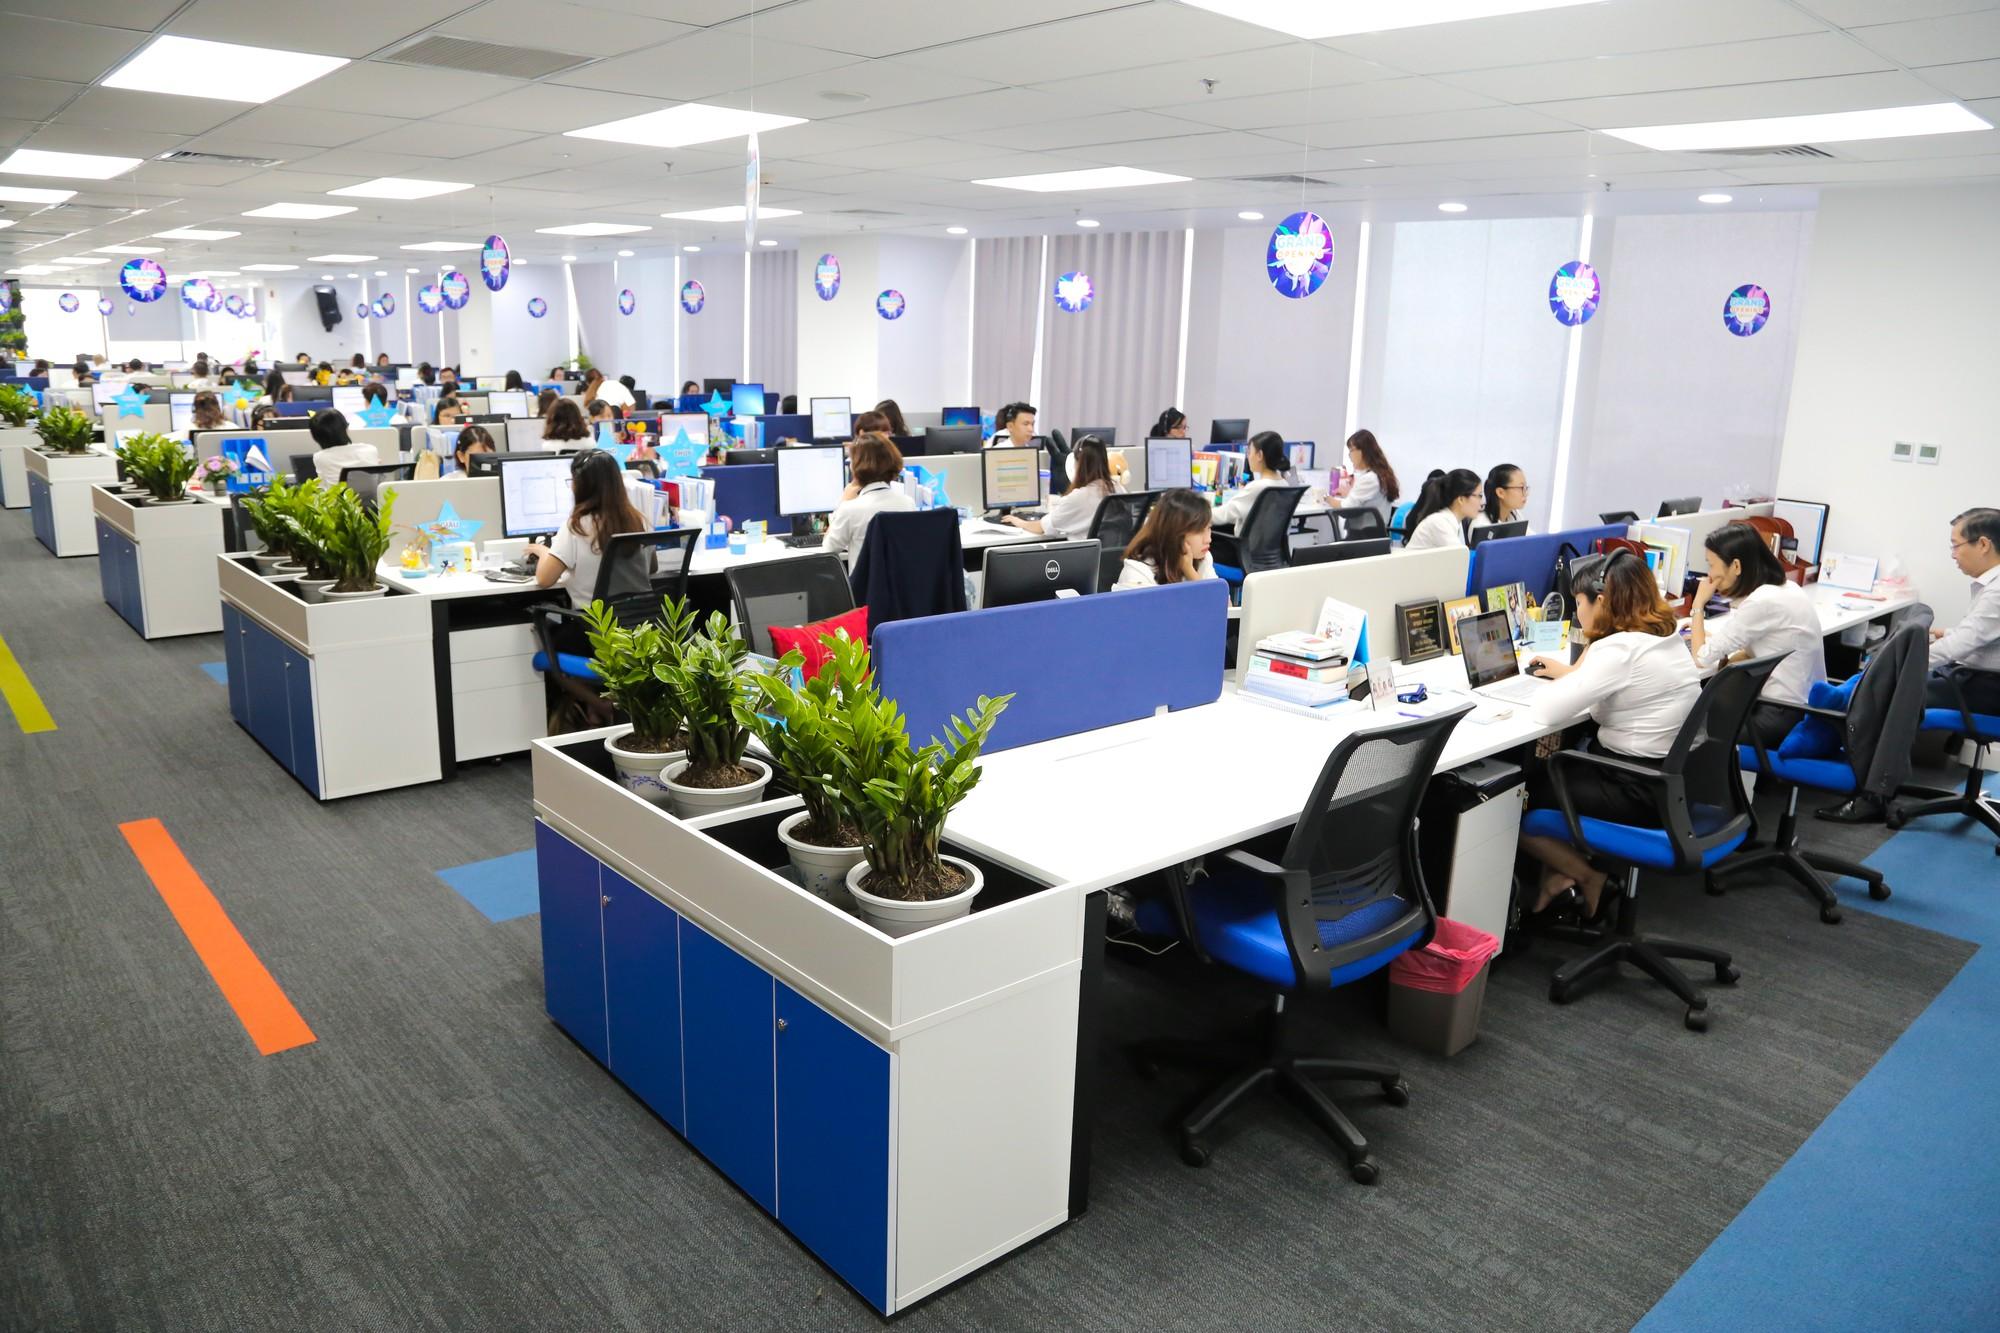 Nội thất văn phòng thiết kế chuẩn giá cạnh tranh